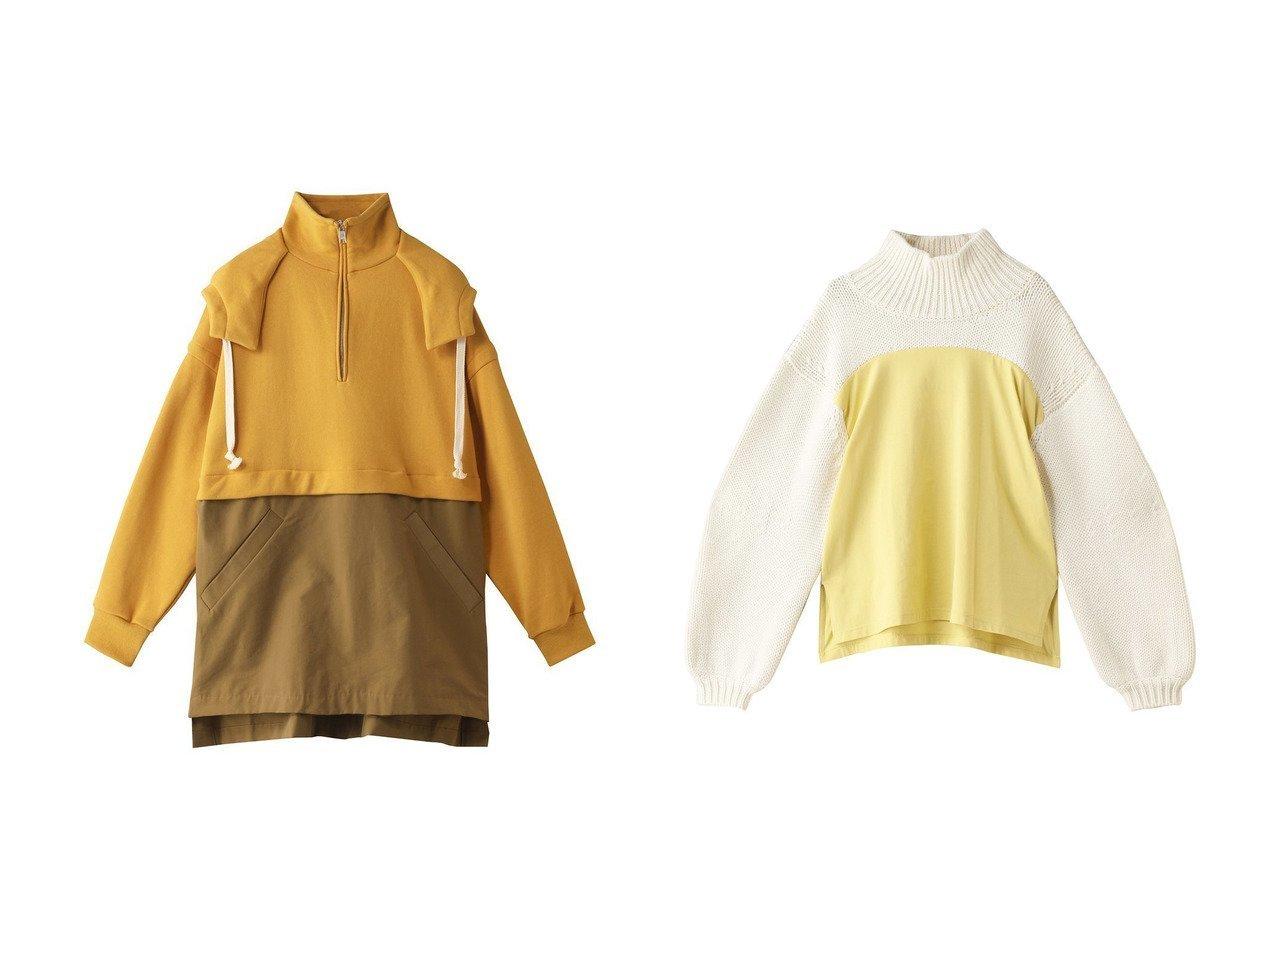 【nagonstans/ナゴンスタンス】のFrench Terry Big パーカー&Knit combination プルオーバー トップス・カットソーのおすすめ!人気、トレンド・レディースファッションの通販 おすすめで人気の流行・トレンド、ファッションの通販商品 メンズファッション・キッズファッション・インテリア・家具・レディースファッション・服の通販 founy(ファニー) https://founy.com/ ファッション Fashion レディースファッション WOMEN トップス Tops Tshirt シャツ/ブラウス Shirts Blouses パーカ Sweats ロング / Tシャツ T-Shirts スウェット Sweat カットソー Cut and Sewn ニット Knit Tops プルオーバー Pullover ジップ スリット パーカー ハイネック |ID:crp329100000009204